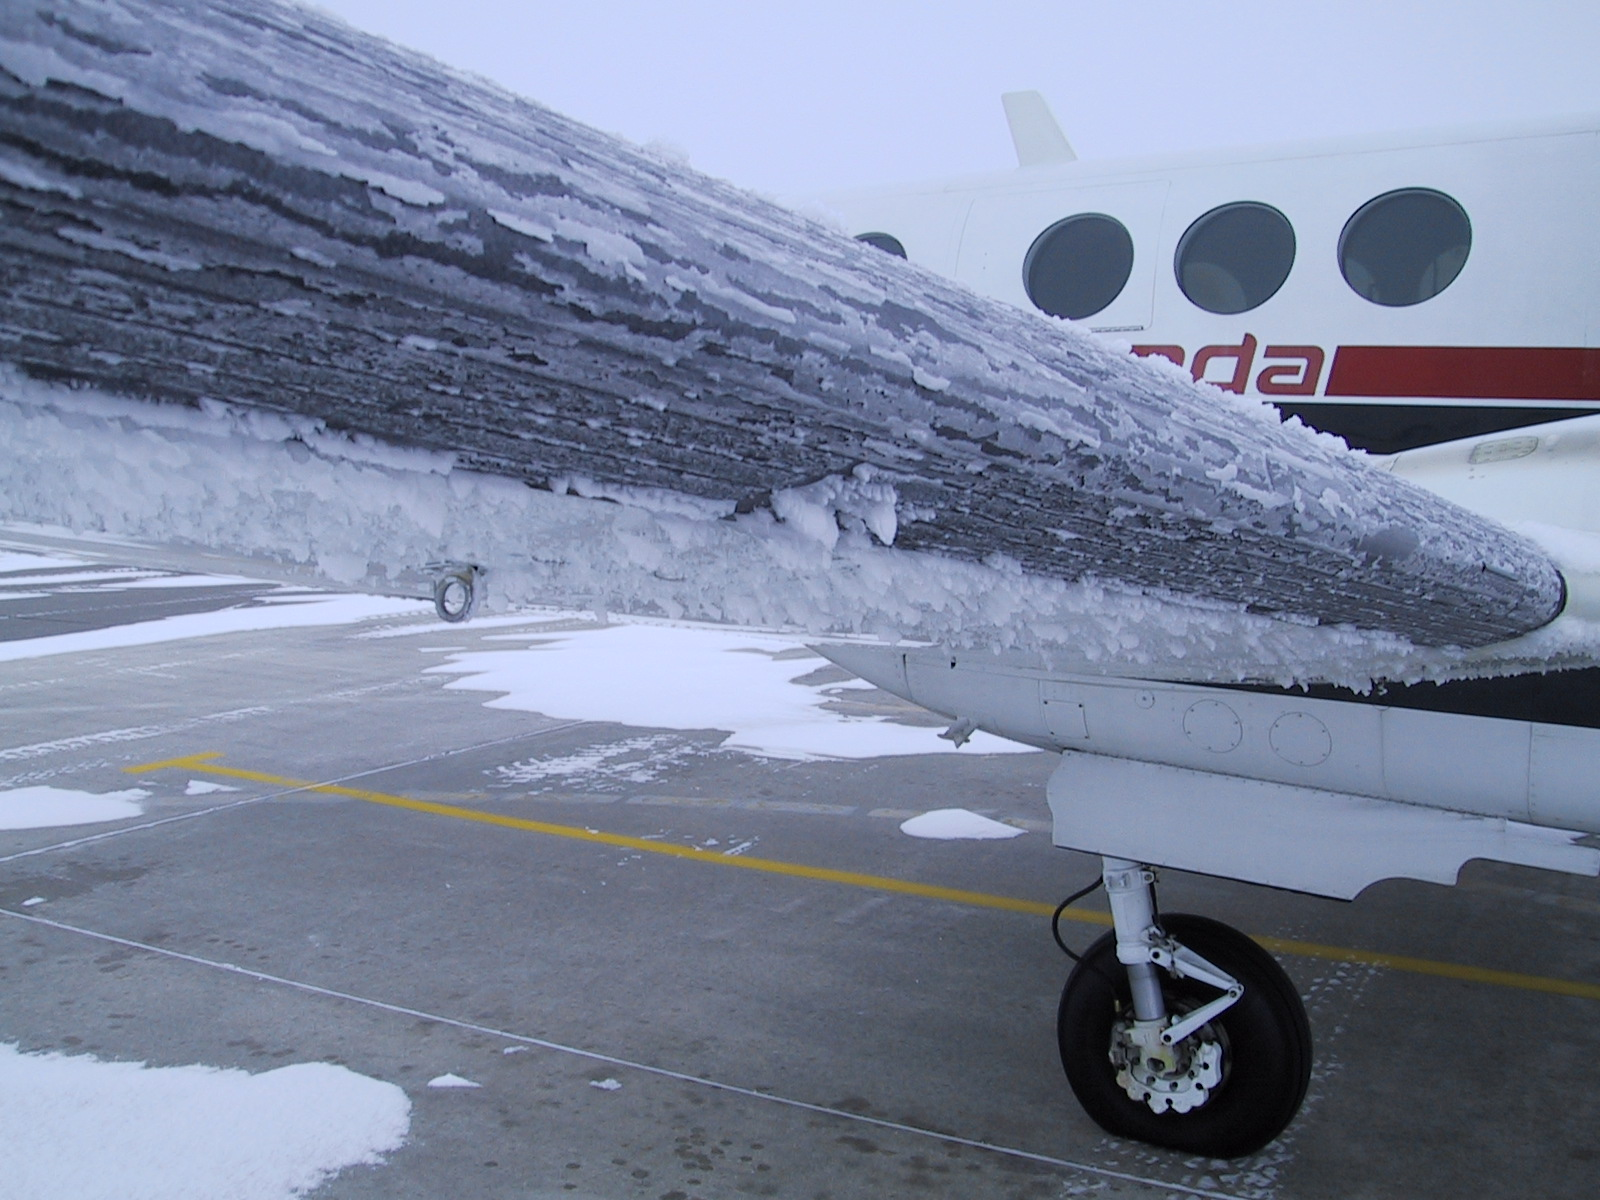 aeronave com formação de gelo